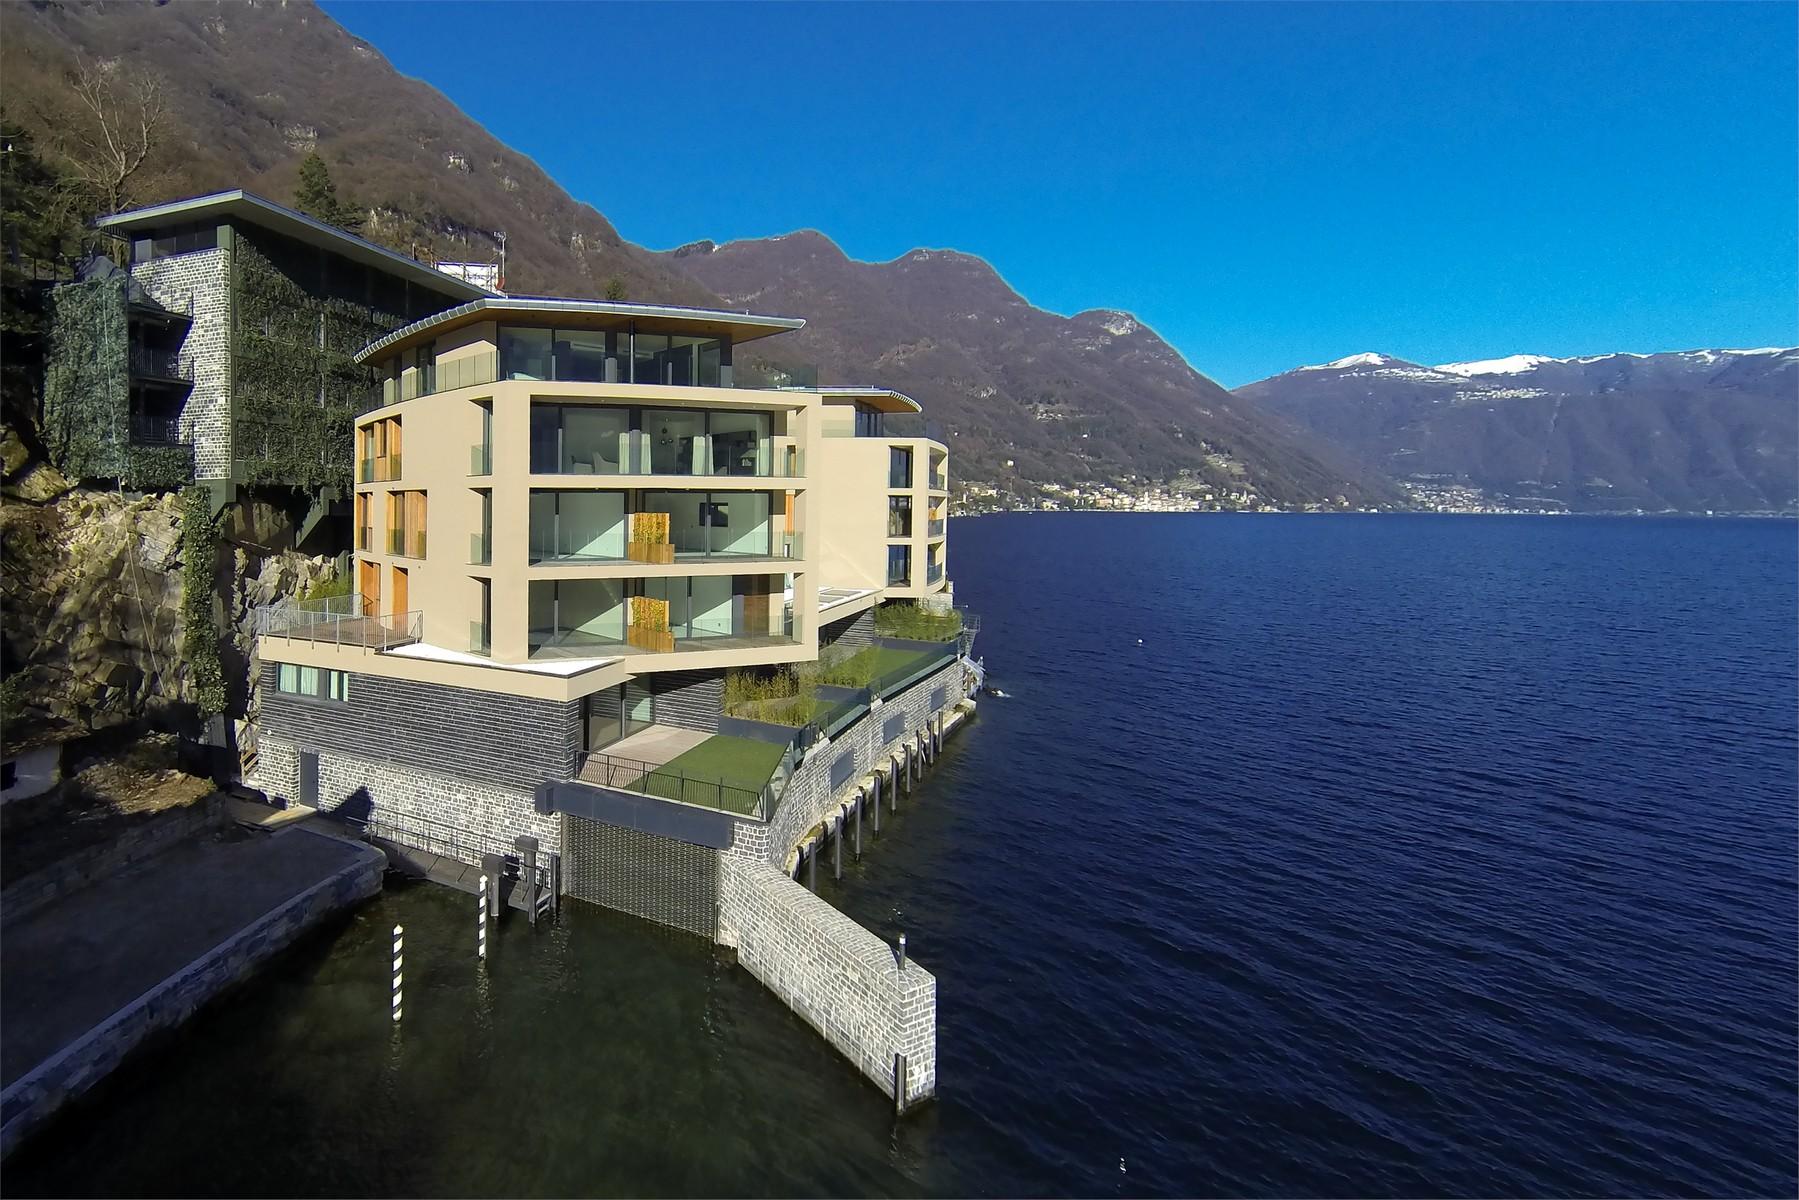 Appartamento per Vendita alle ore Stupendo appartamento in nuova costruzione sul Lago di Como Via Nuova Regina Laglio, Como 22010 Italia